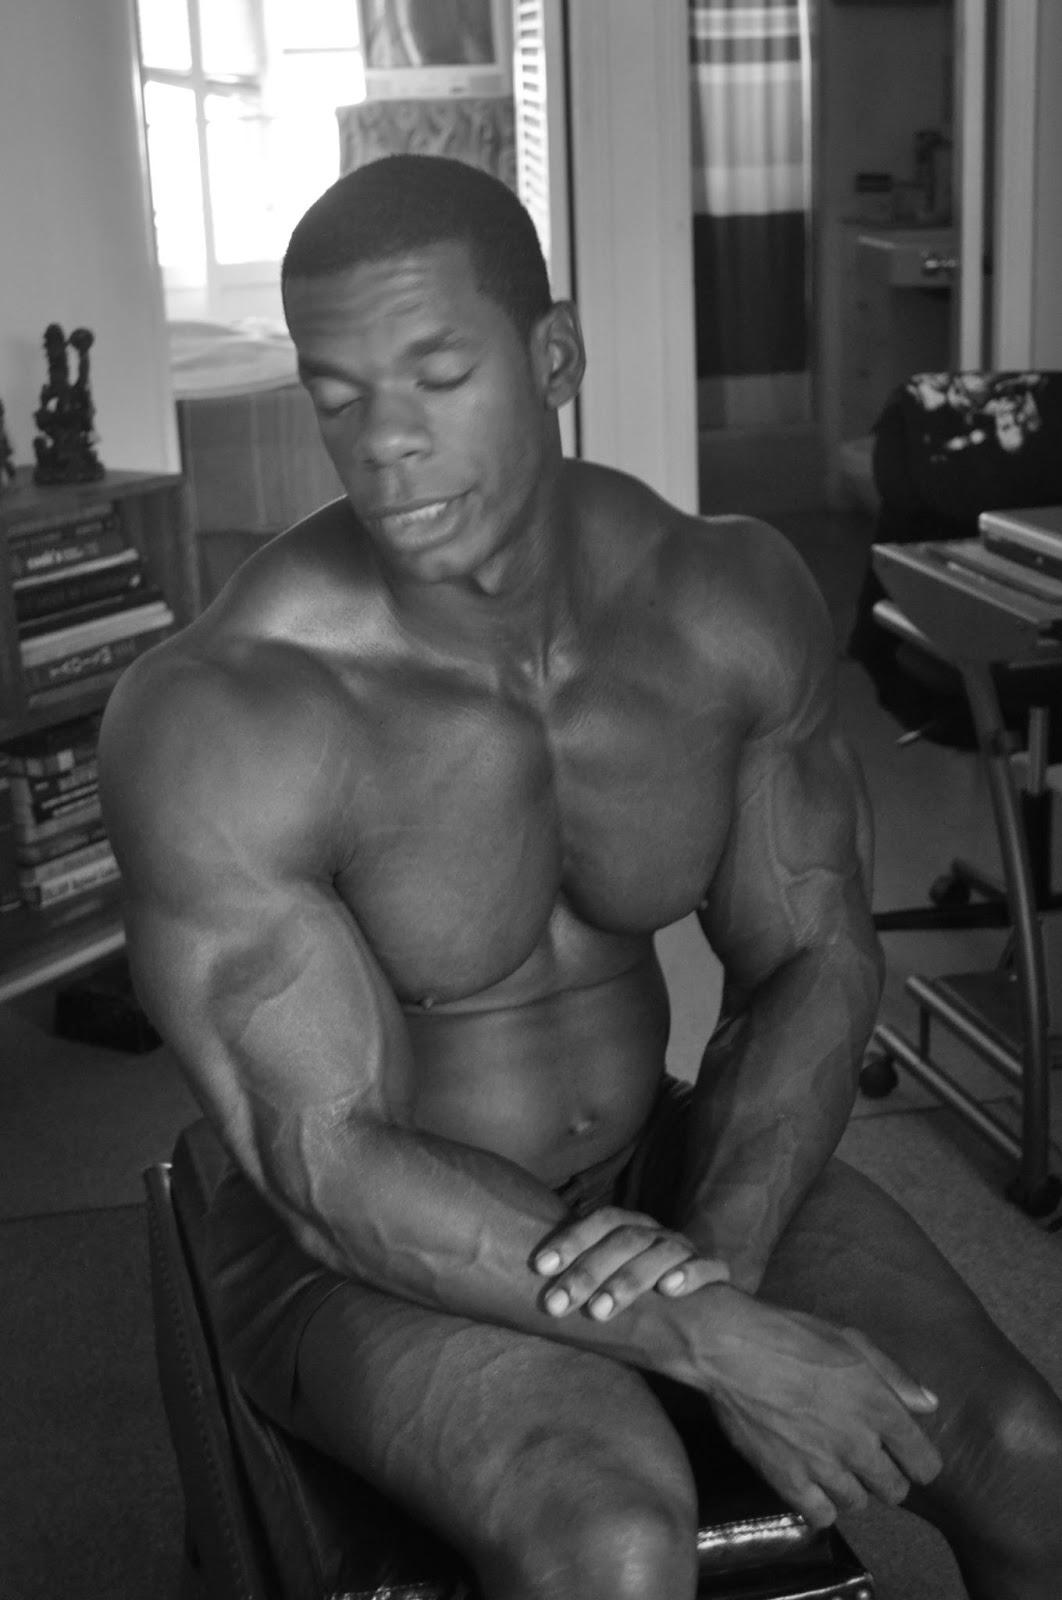 Resultado de imagem para Kashae holliday muscular development